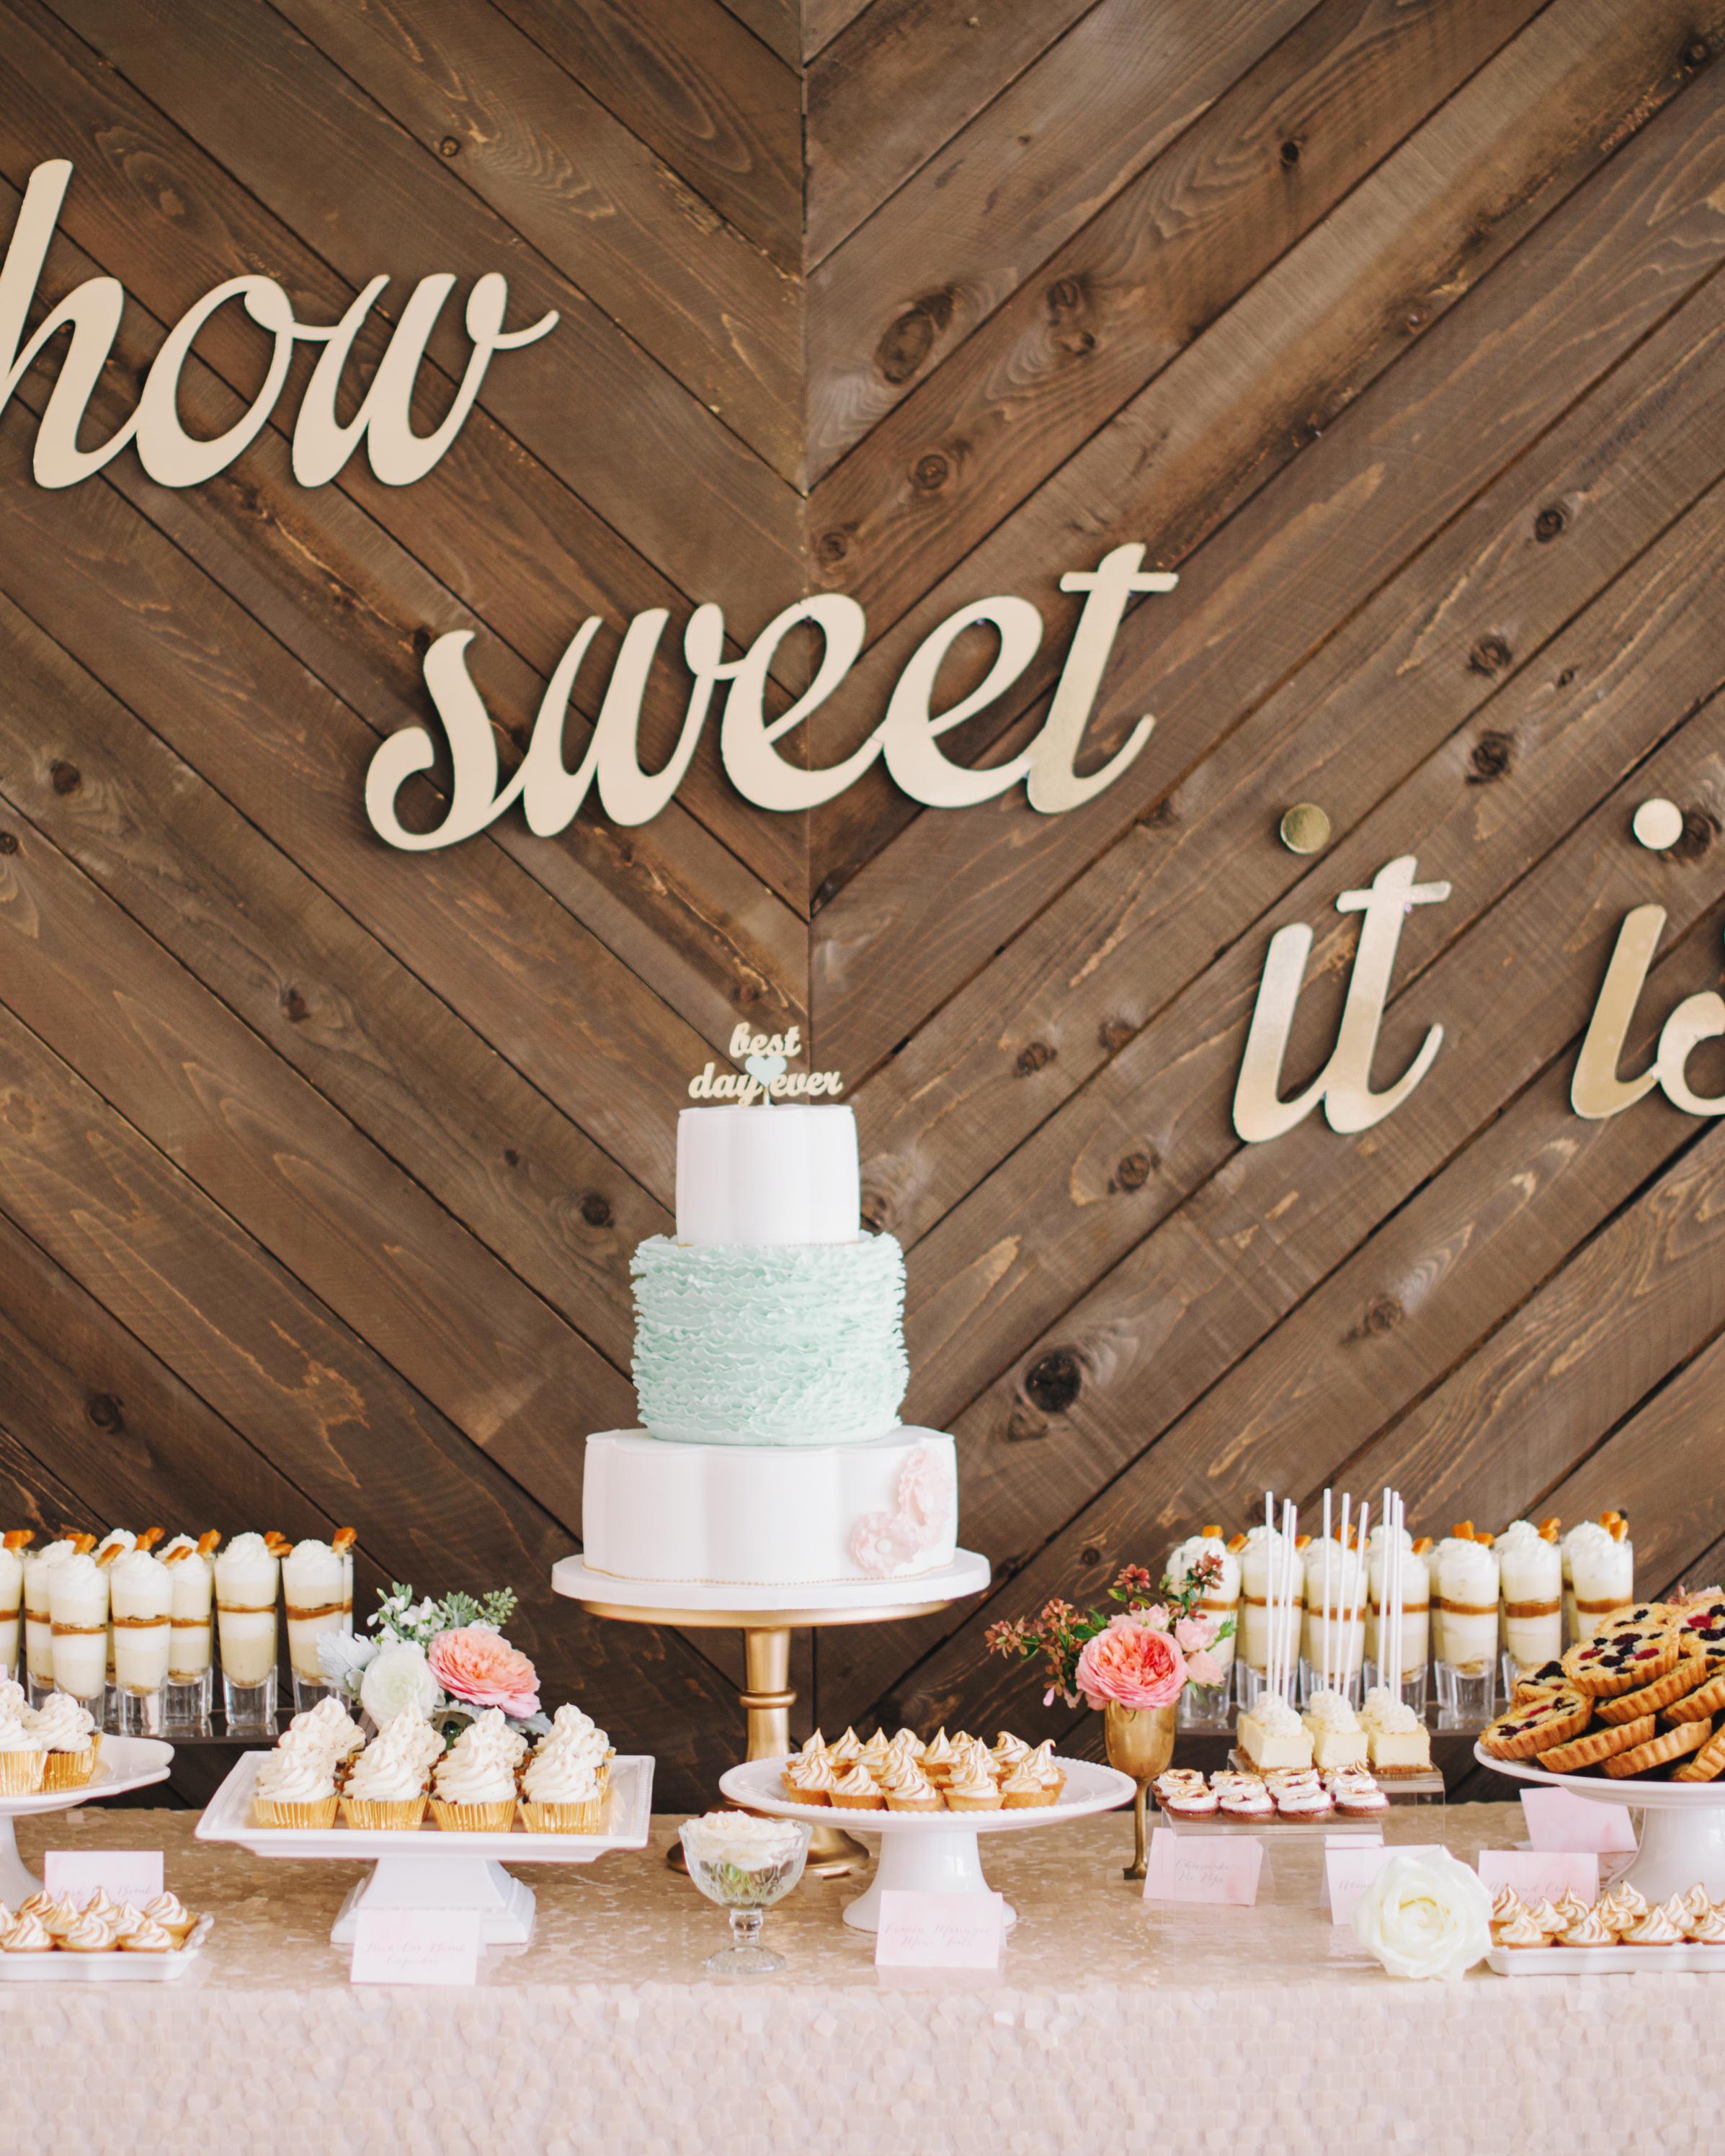 alex-brandon-wedding-desserttable-040-s111338-0714.jpg